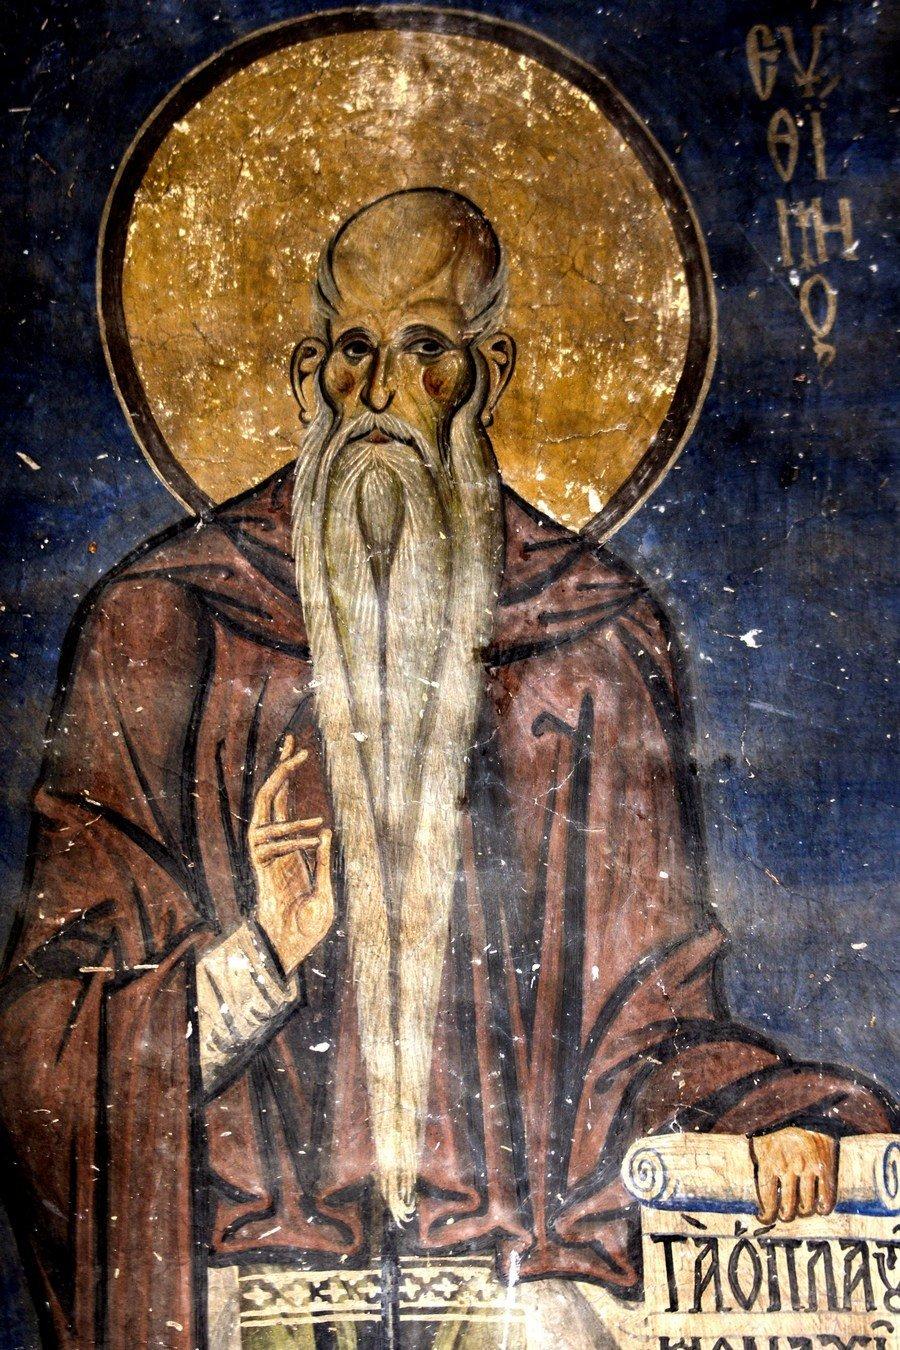 Святой Преподобный Евфимий Великий. Фреска церкви Святых Врачей в Кастории, Греция. Конец XII века.